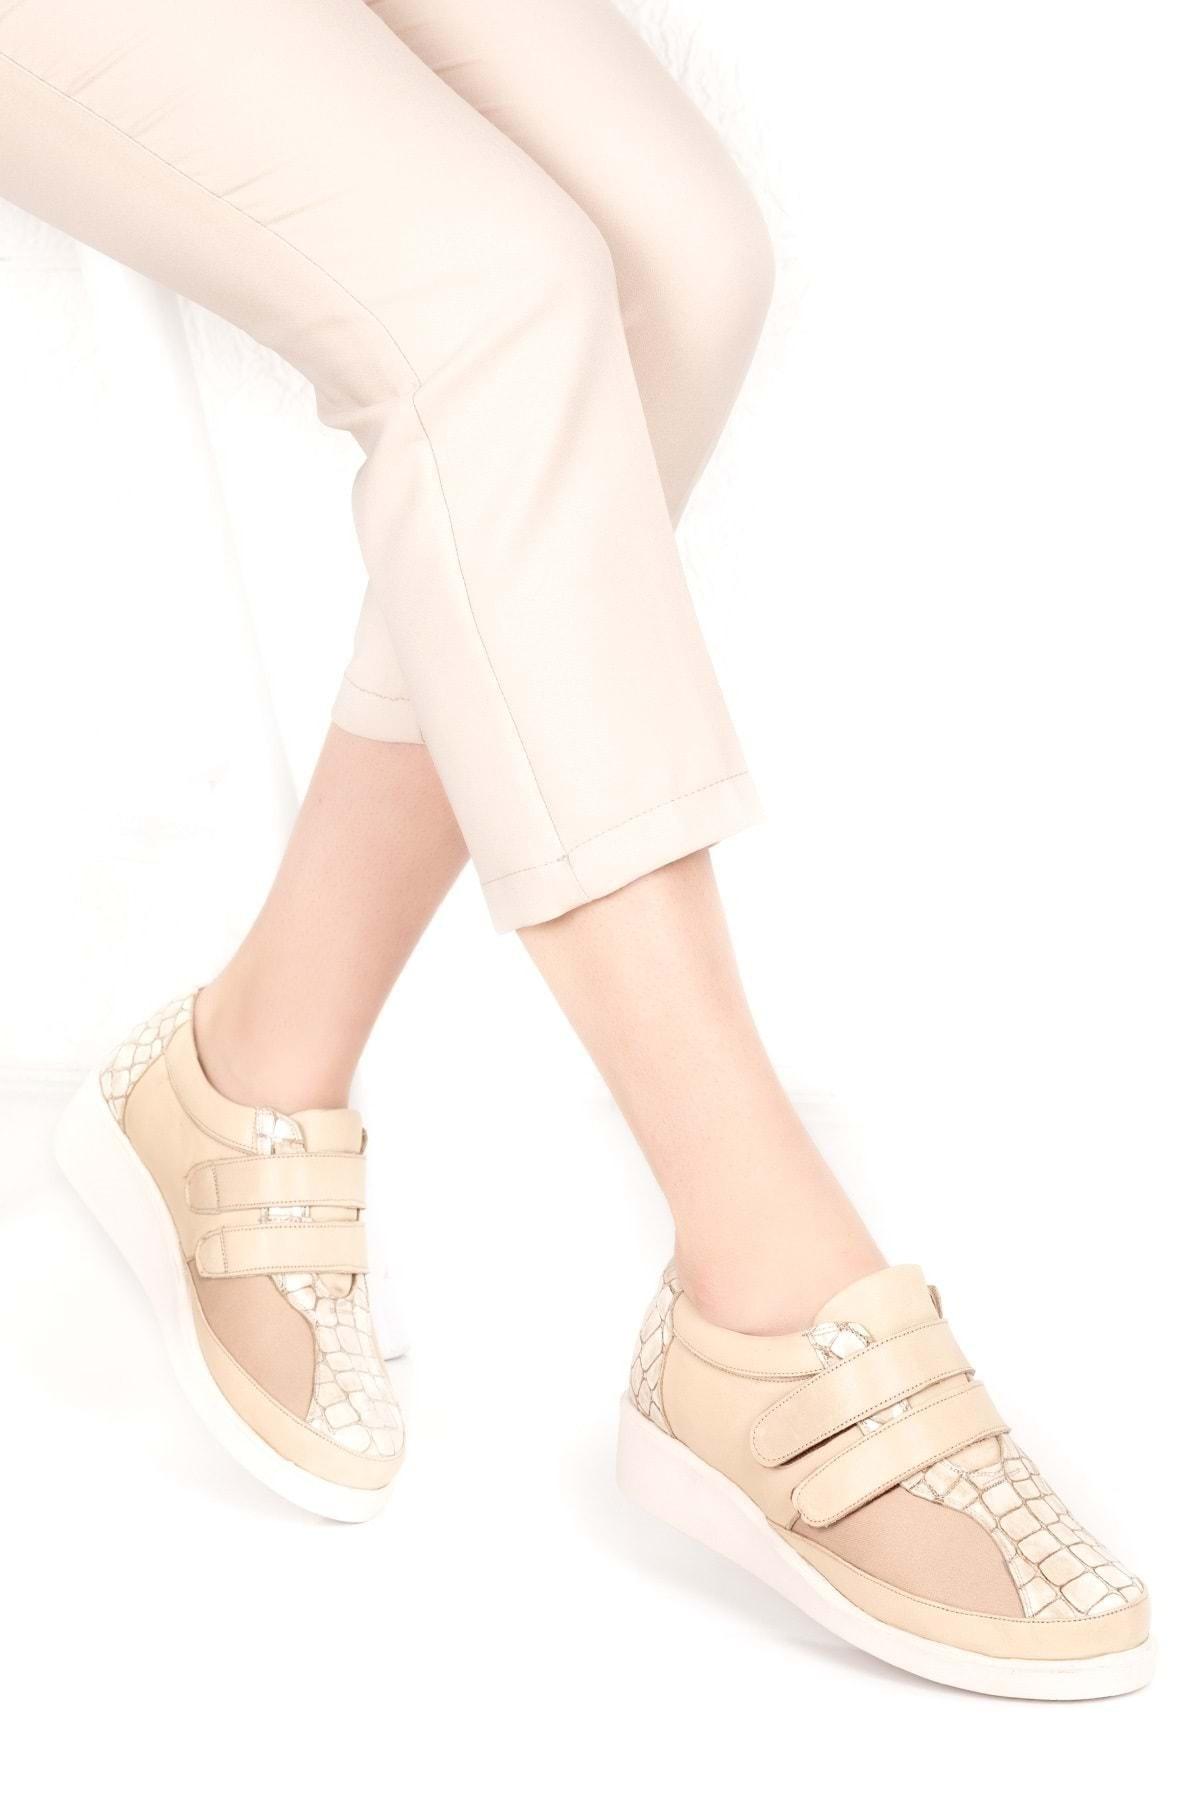 Gondol Kadın  Bej Hakiki Deri Kemik Çıkıntısına Özel Ayakkabı Vdt.1670 - Bej - 41 2